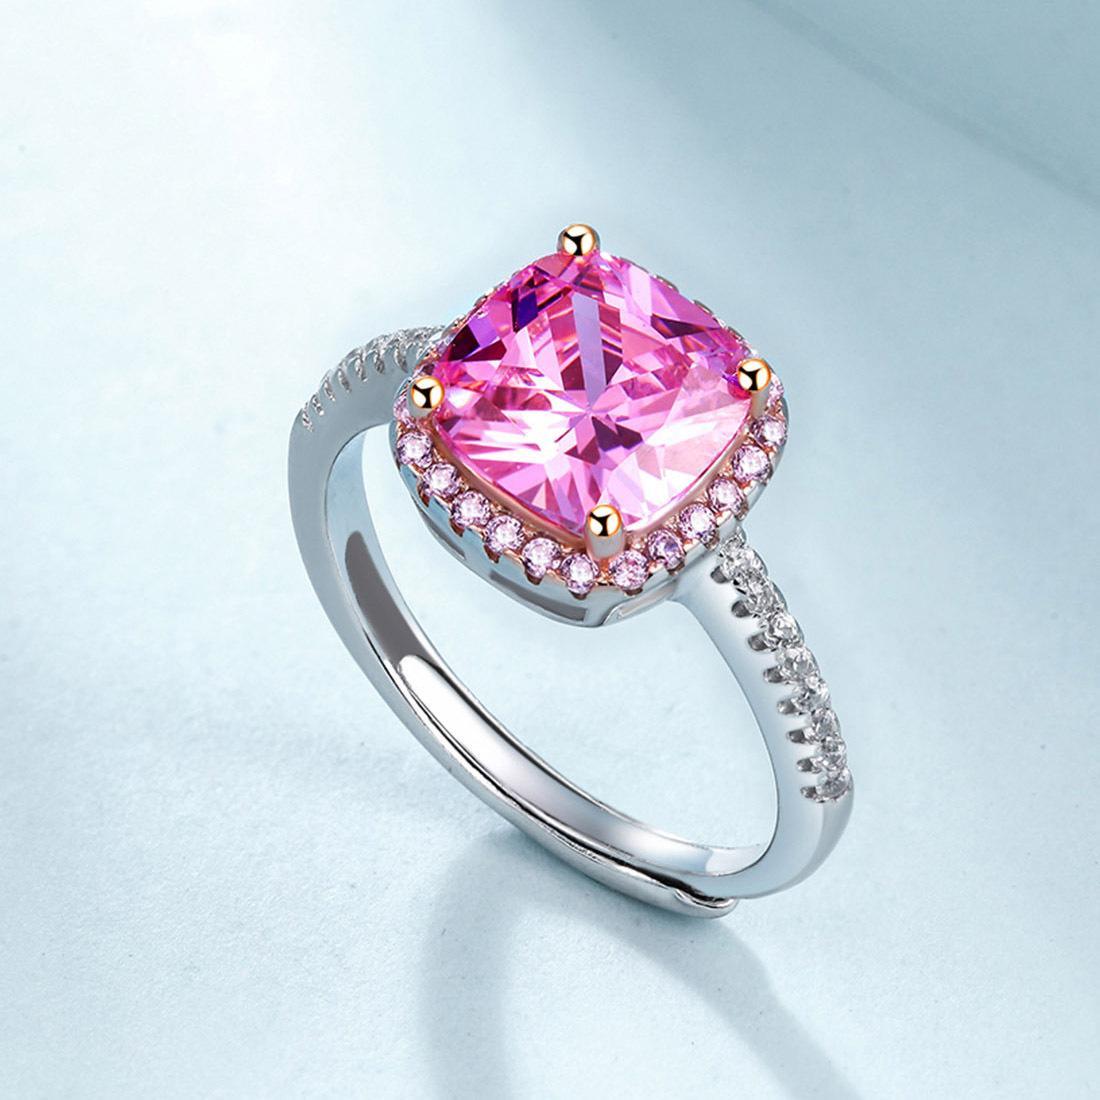 8343f3f1355 Agood pembe kare CZ elmas düğün parti yüzükler kadınlar için 925 ayar gümüş  açık yüzük moda takı aksesuarları